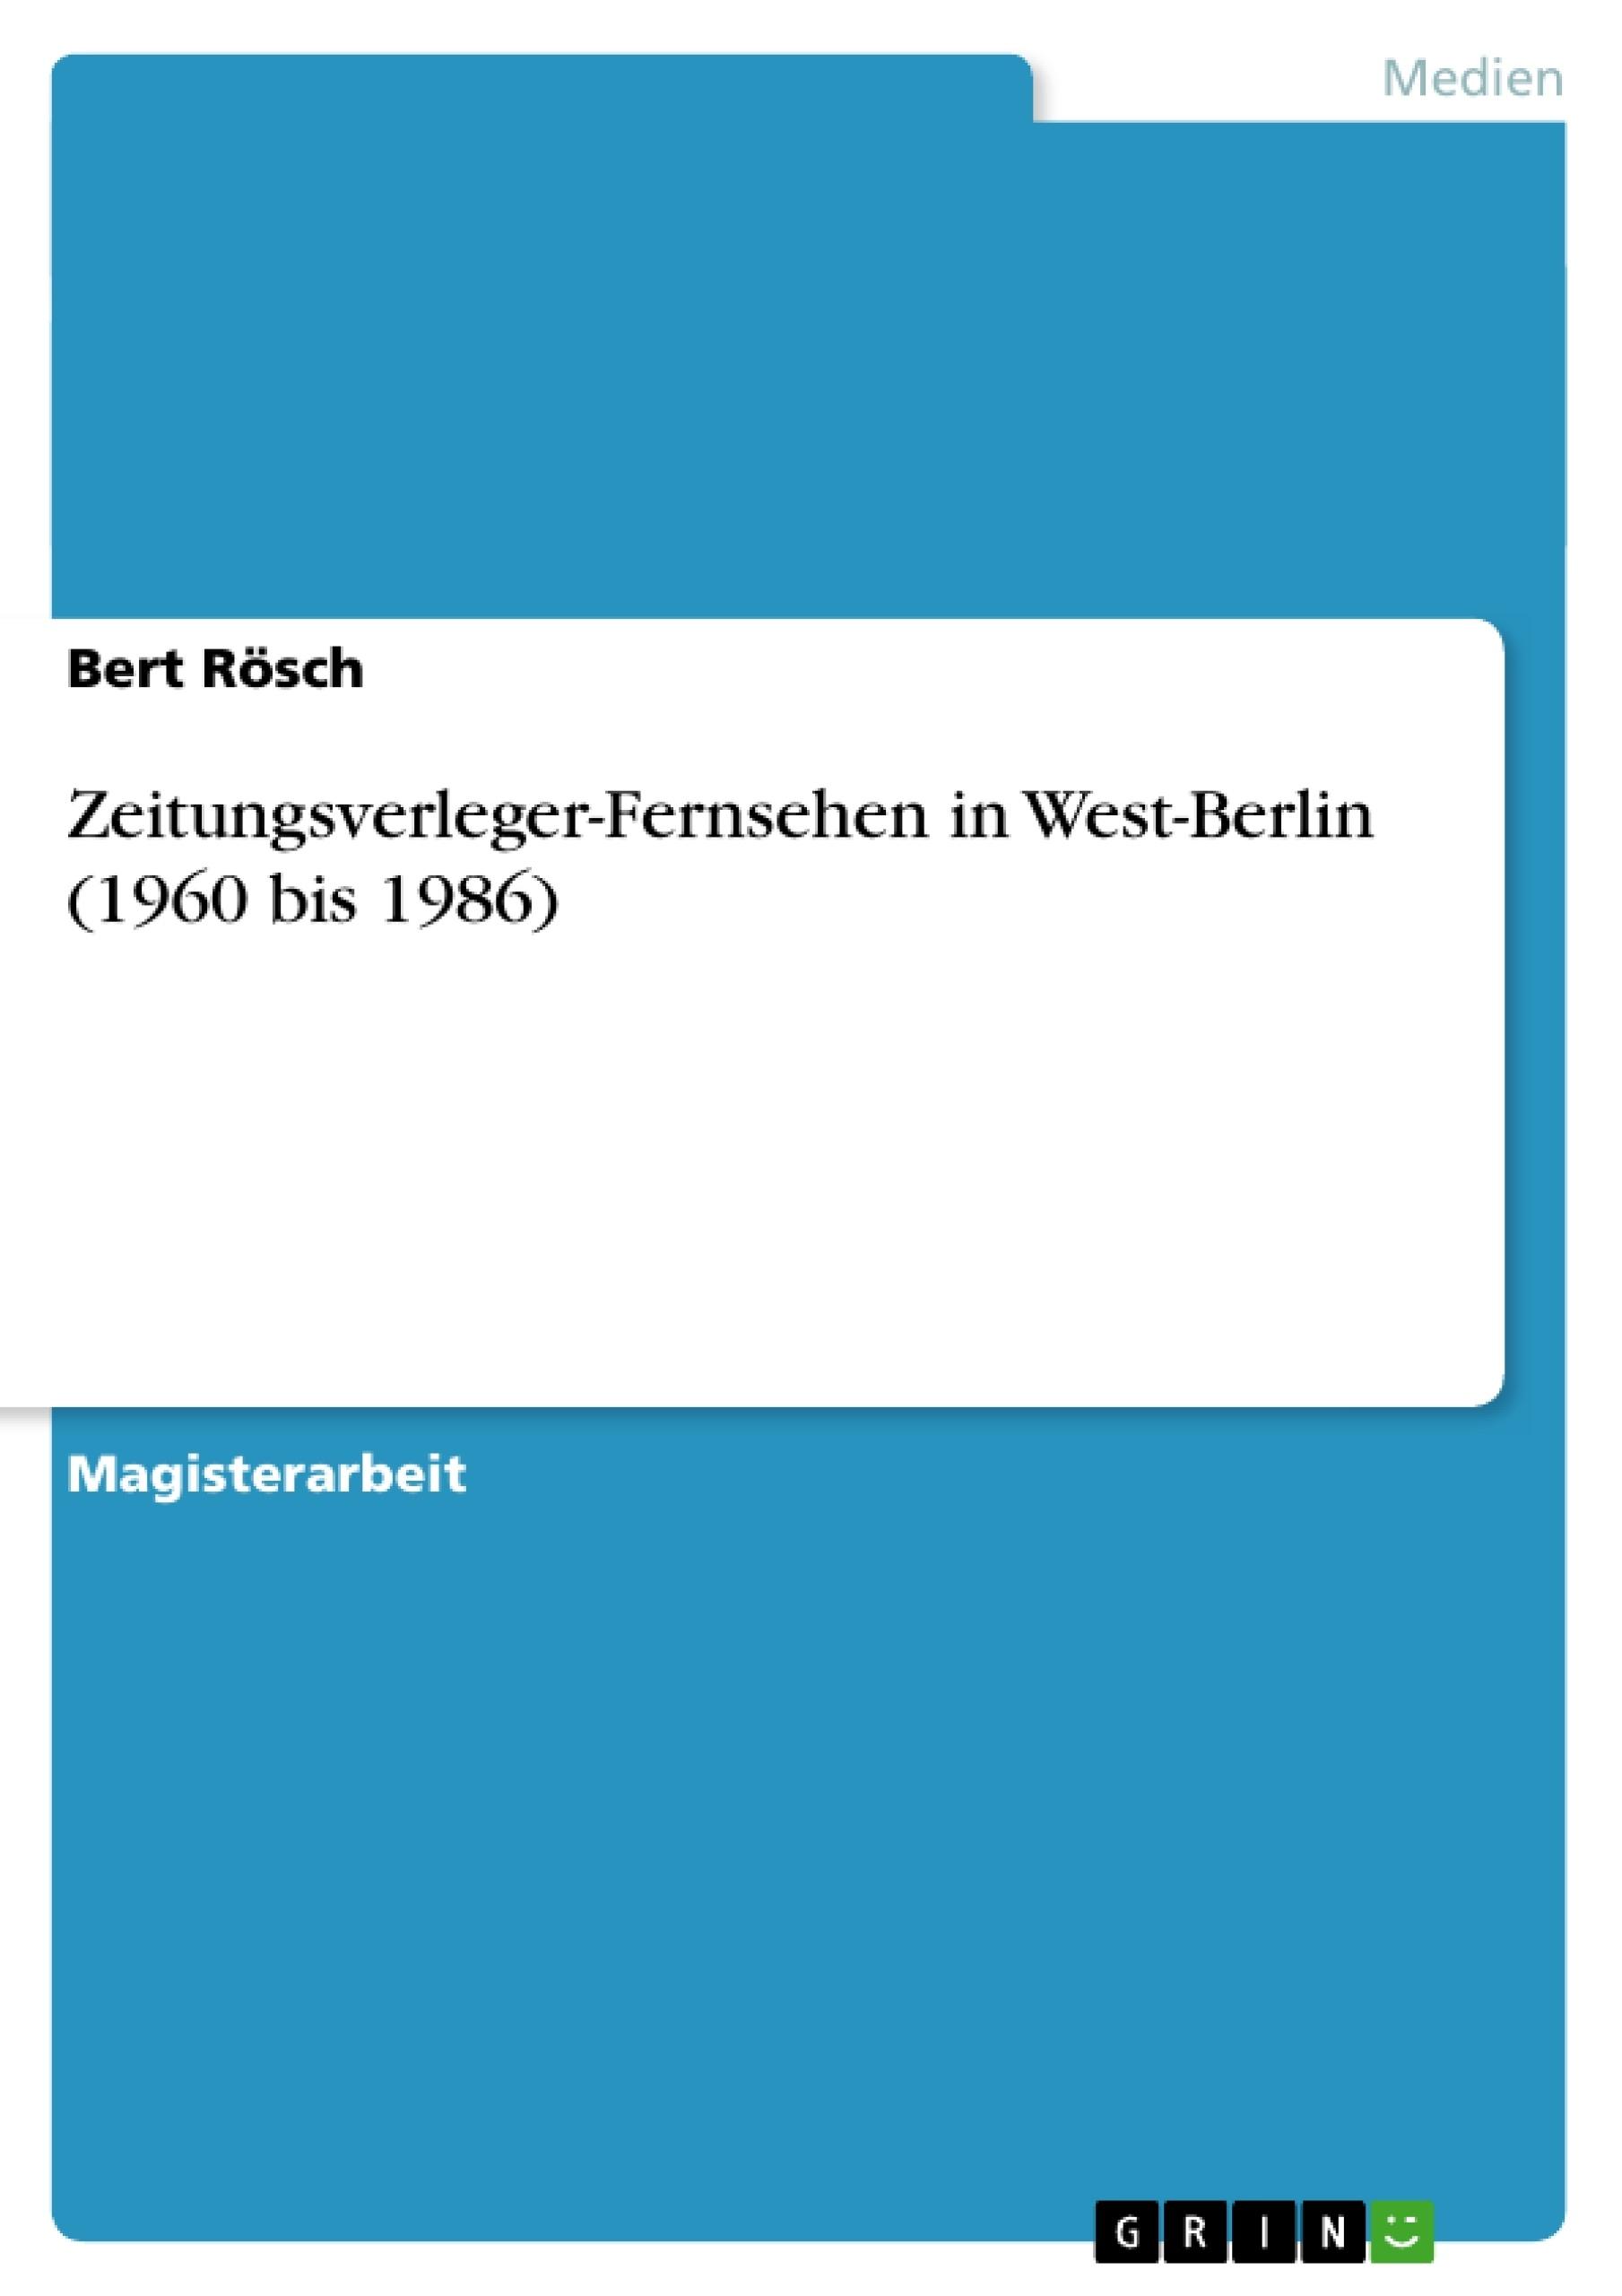 Titel: Zeitungsverleger-Fernsehen in West-Berlin (1960 bis 1986)